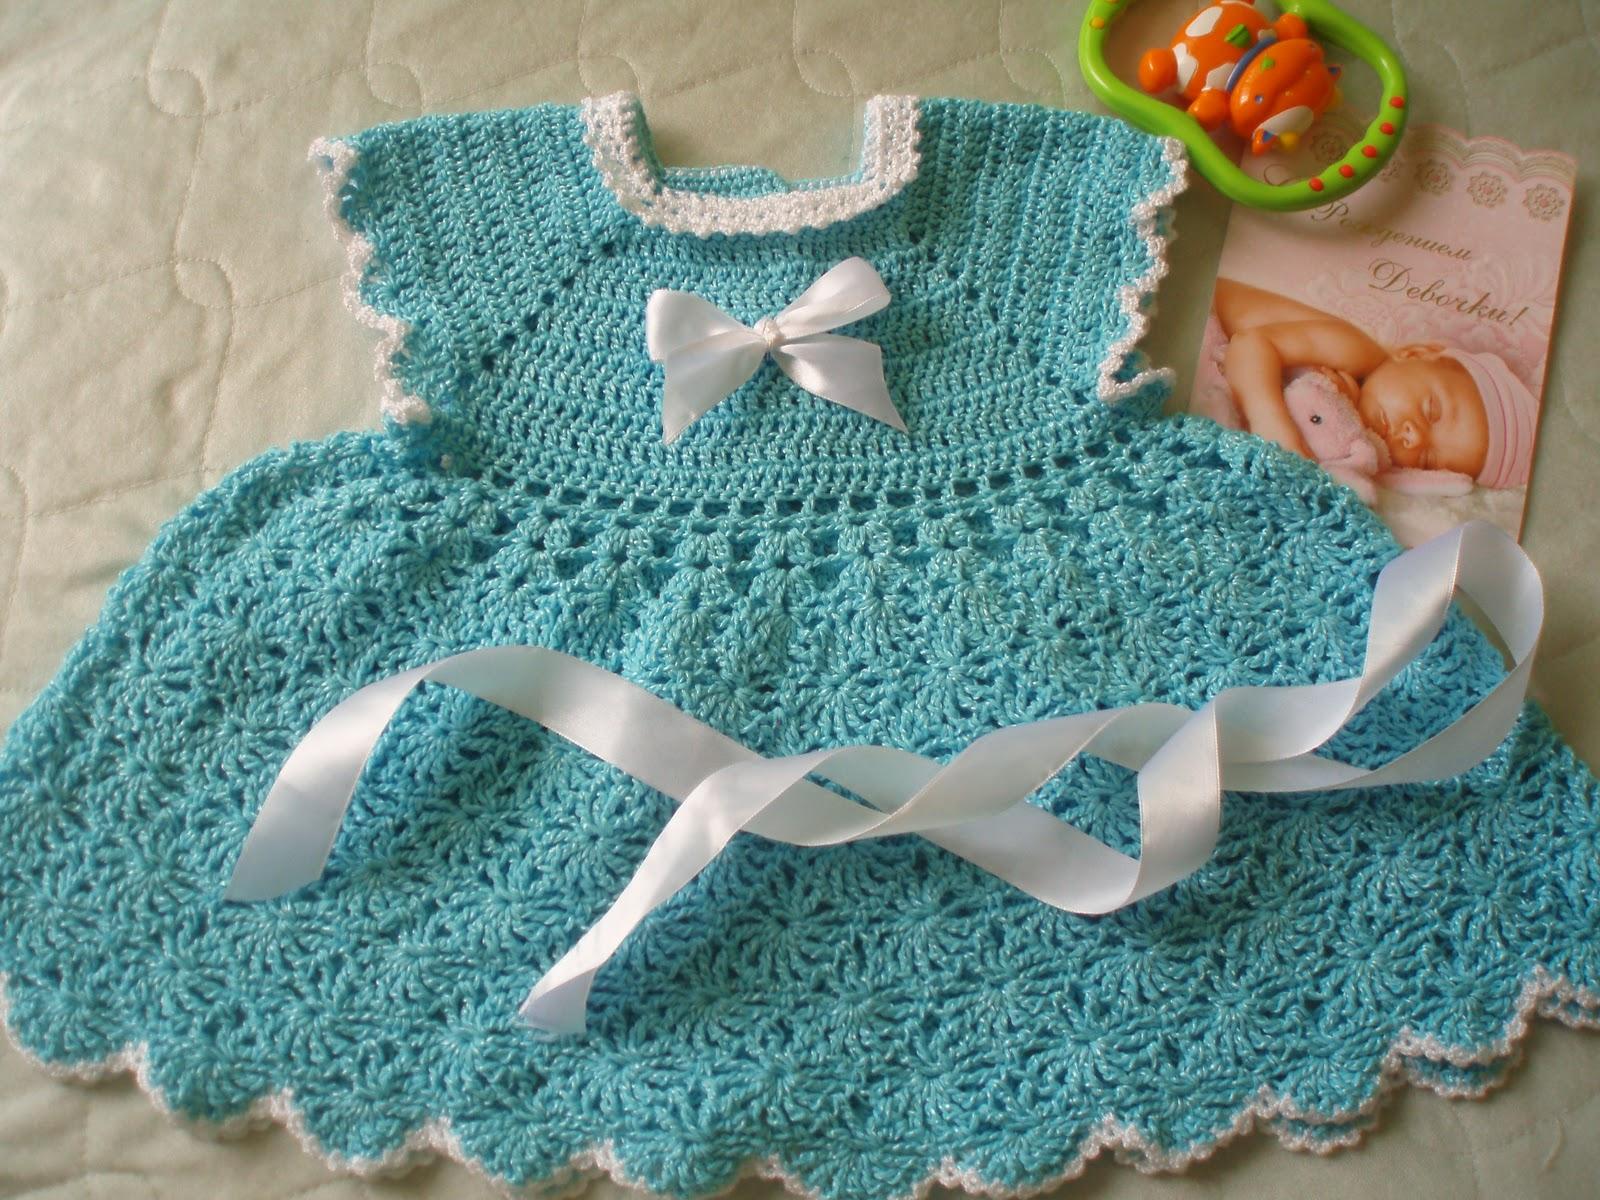 Зеленое платьице крючком - Вязание крючком для детей